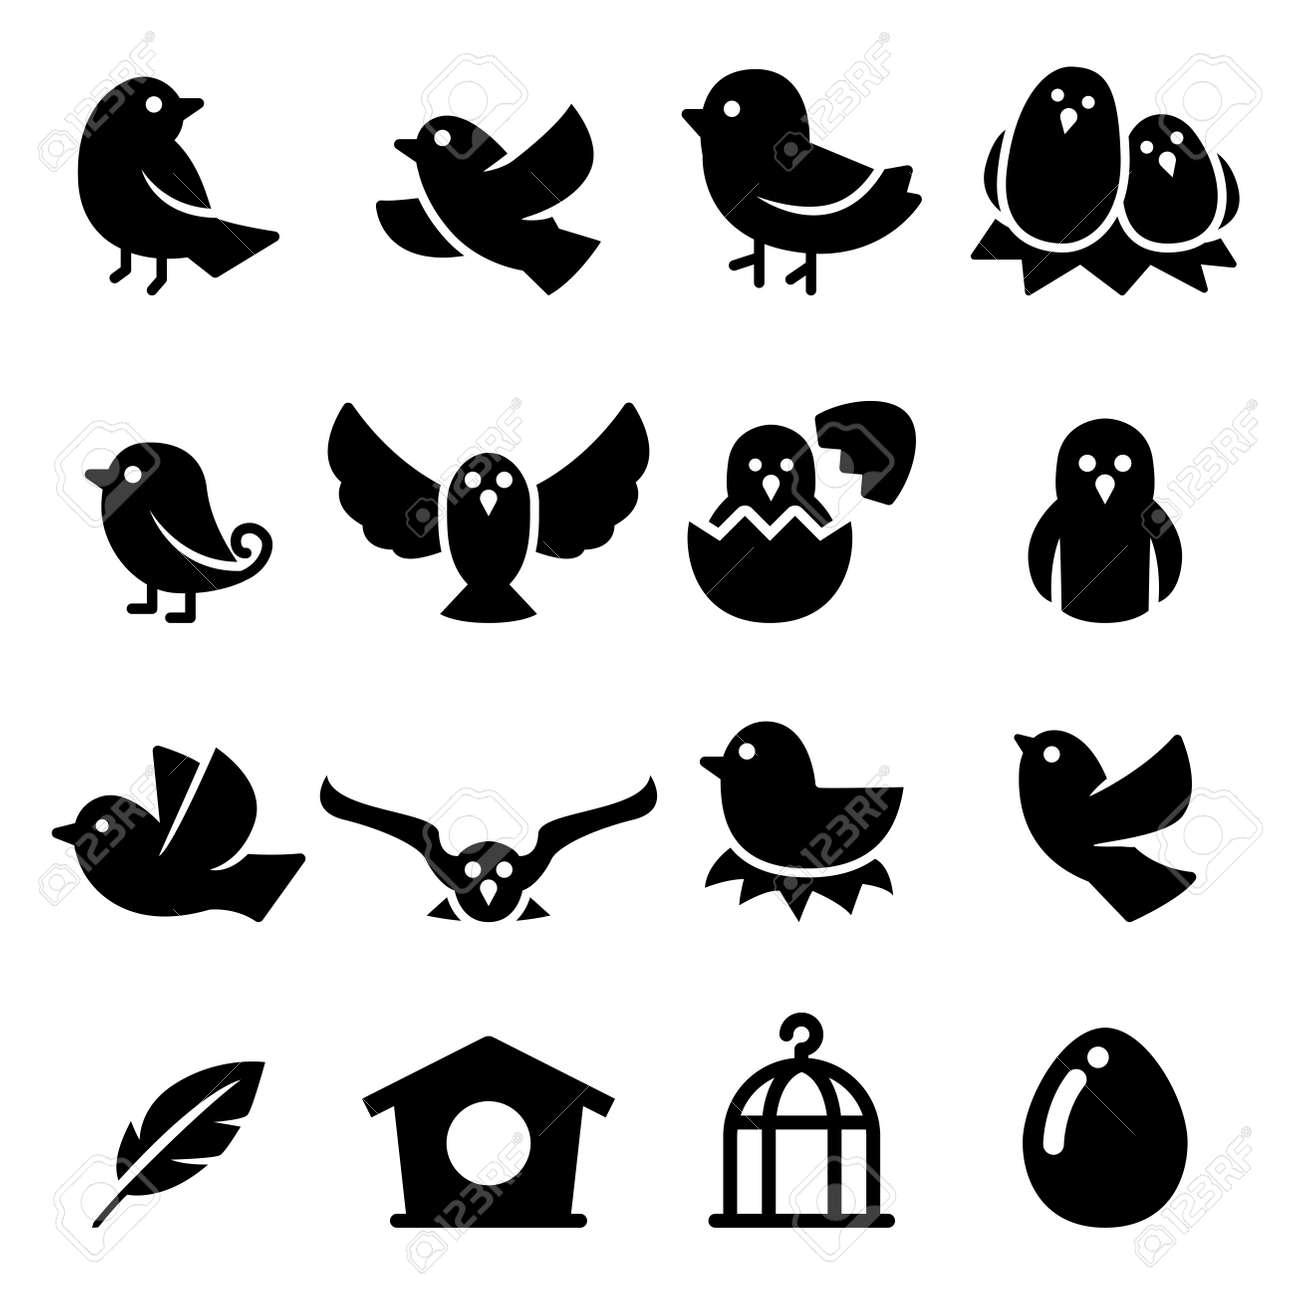 Bird Silhouette icon - 55551114